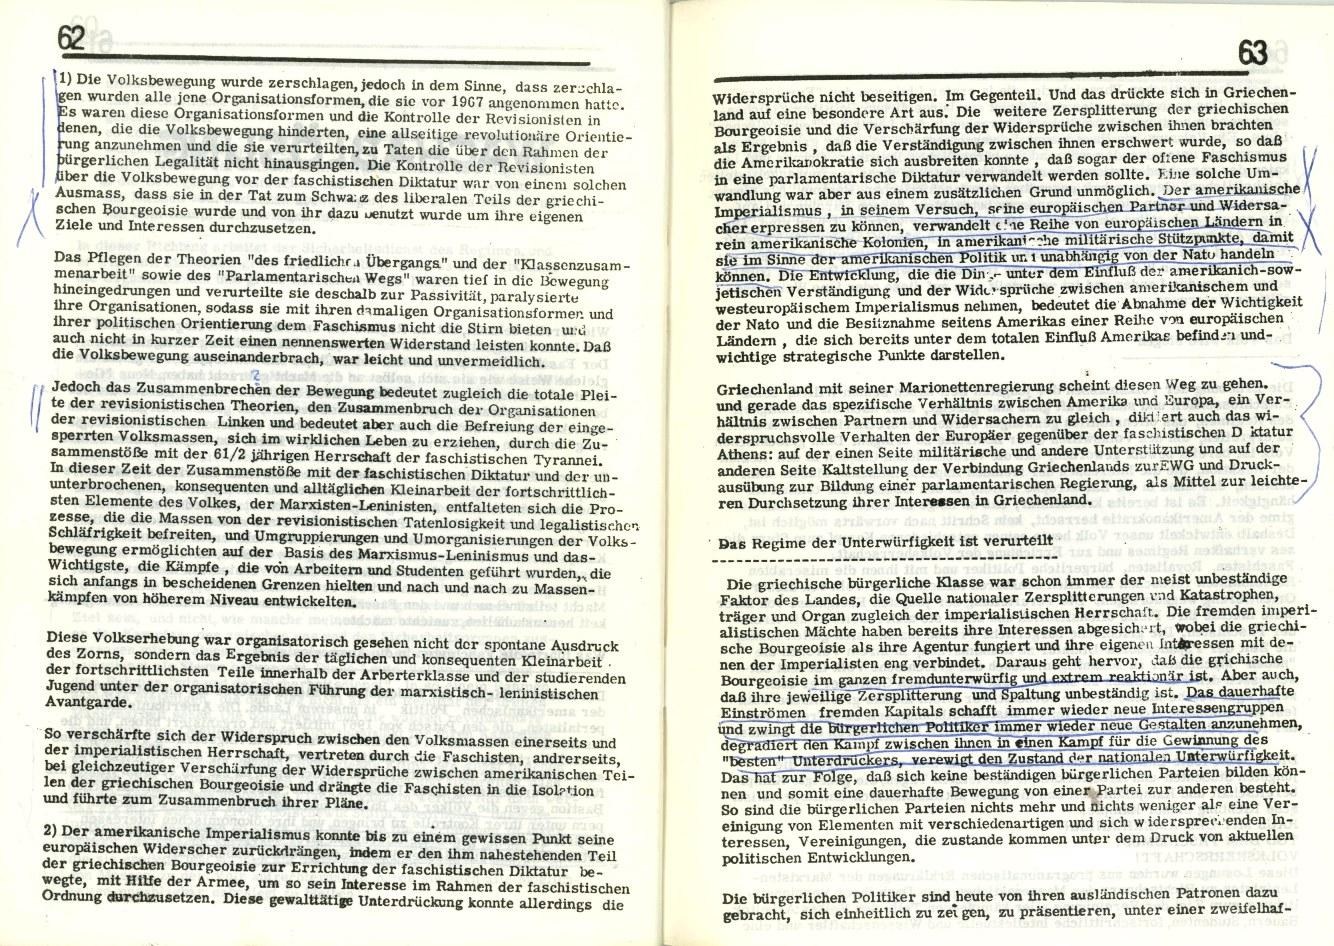 Griechenland_Griechische_ML_1971_Dokumente_01_32